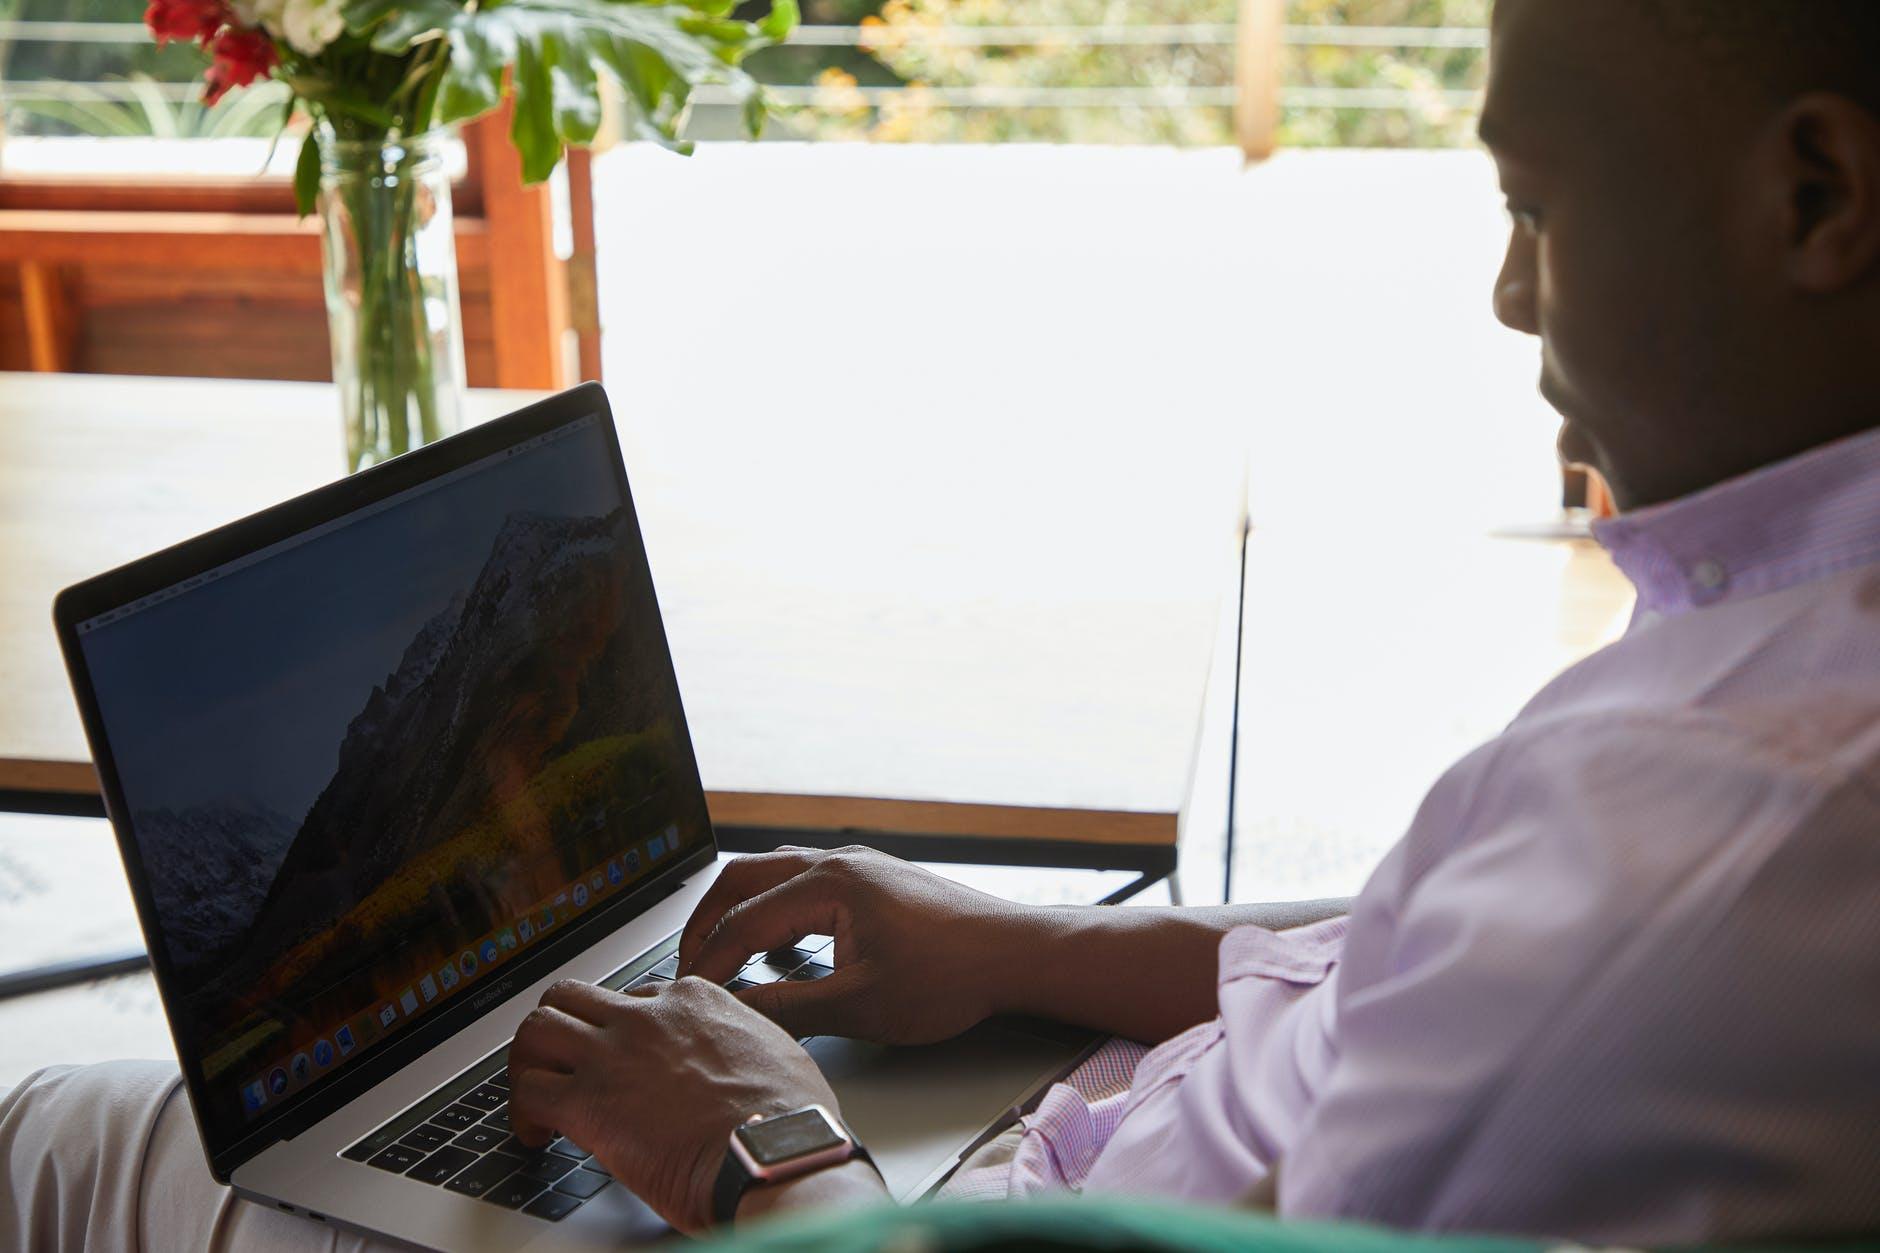 black man with smart watch browsing laptop